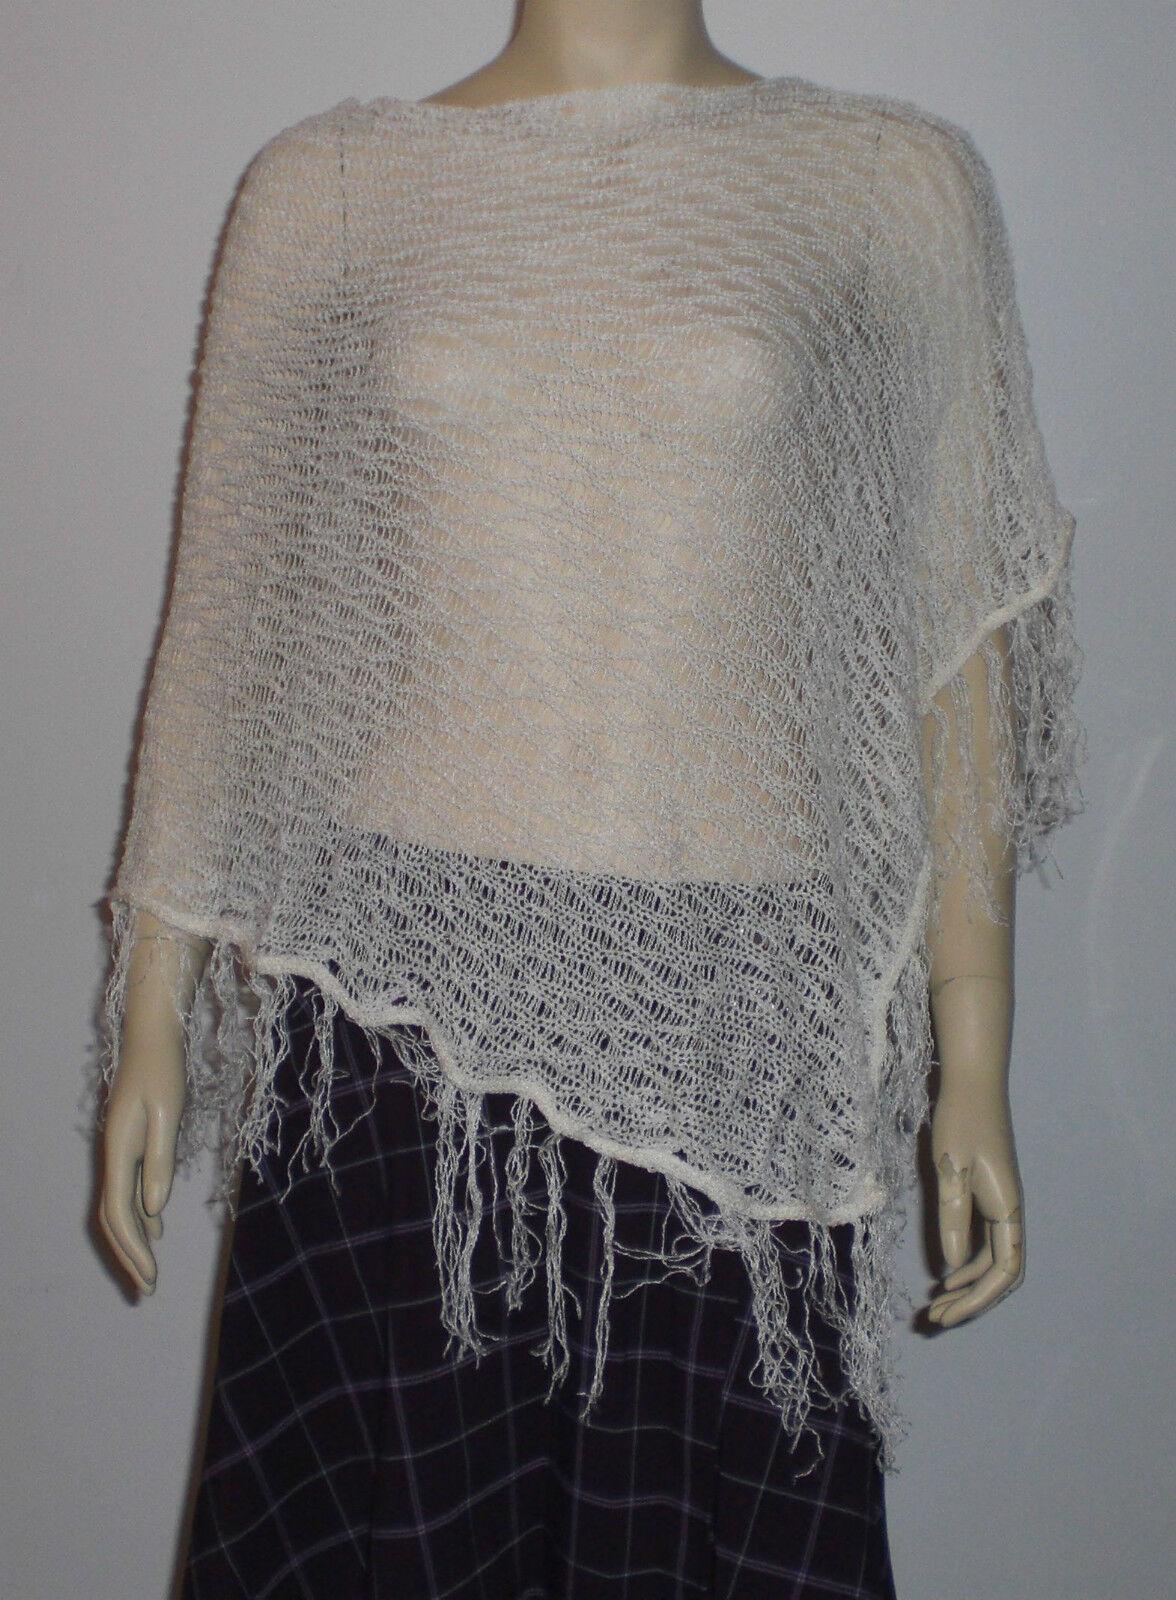 Bebe $69 White One Size Asymmetrical Knit Poncho Shawl Wrap Cover Up Fringe